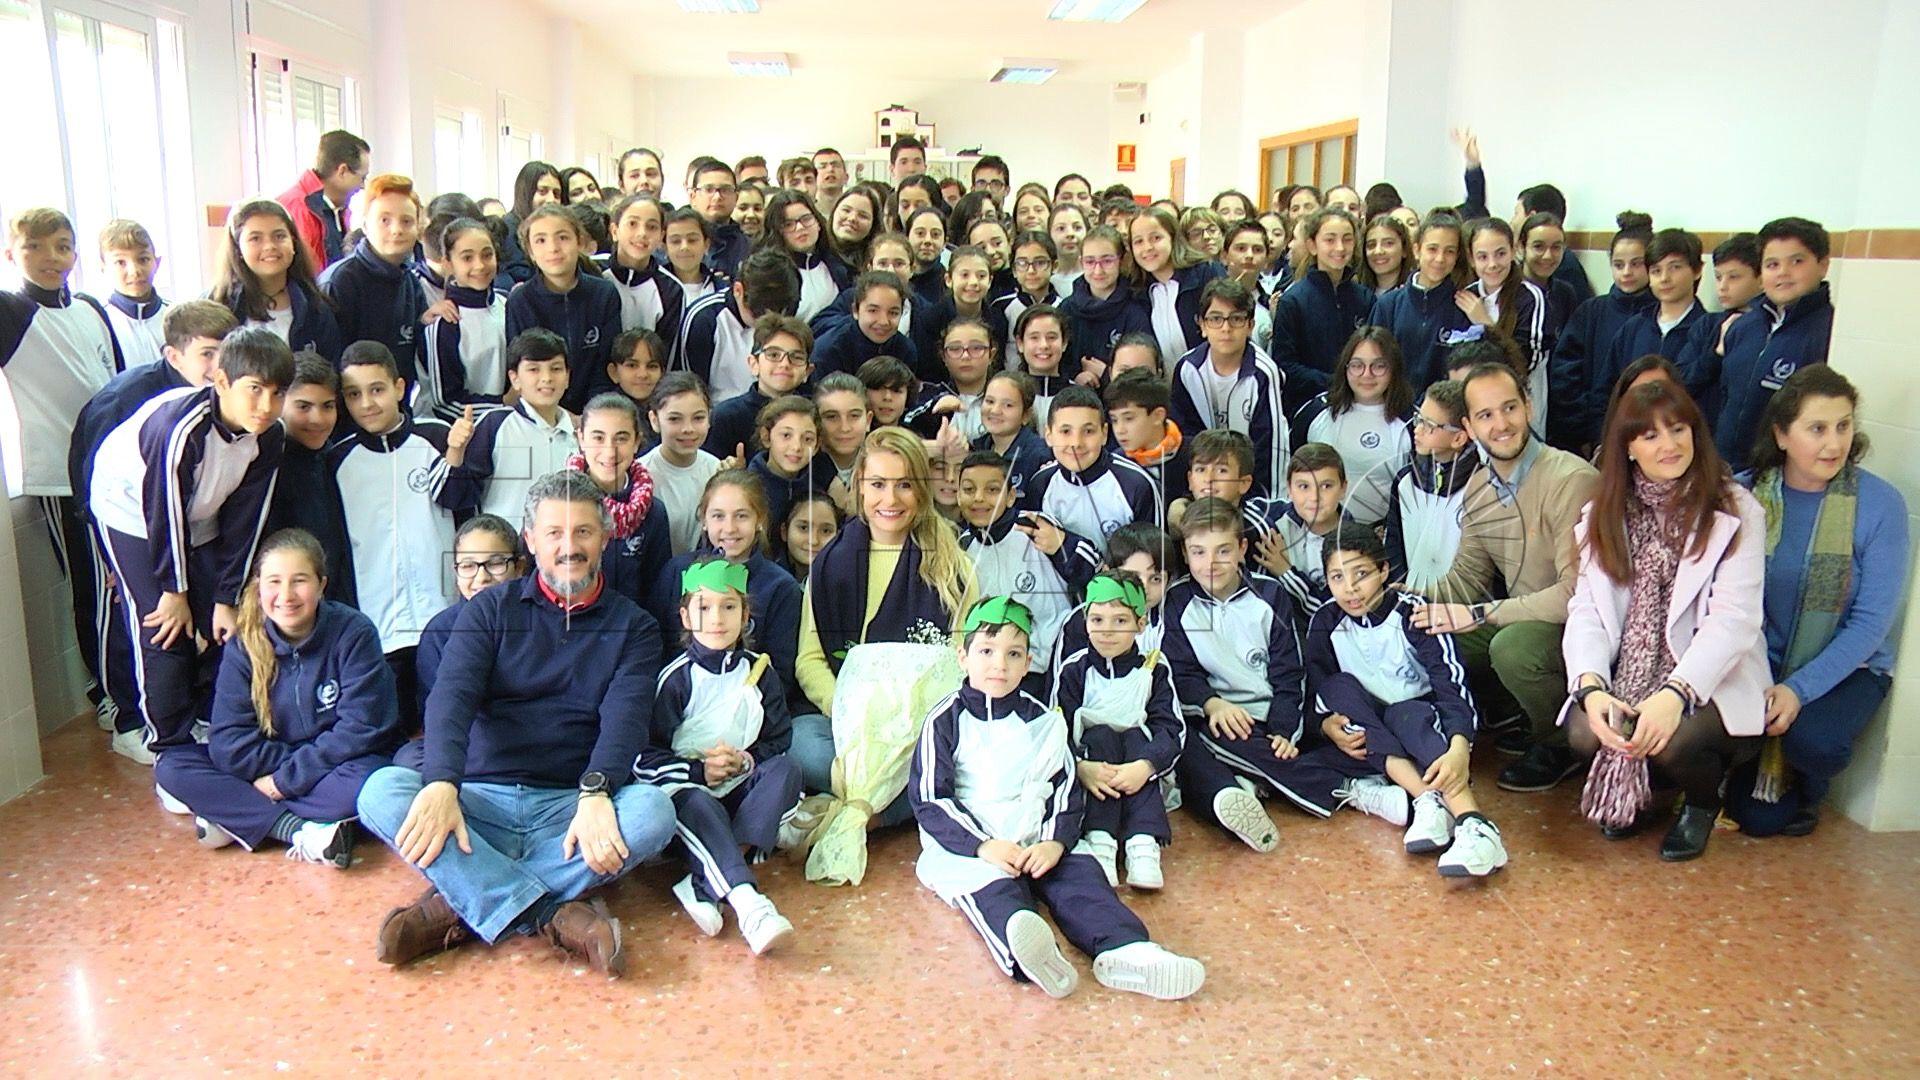 Lidia Valentín Participa En Un Encuentro Con Alumnos Del Beatriz De Silva